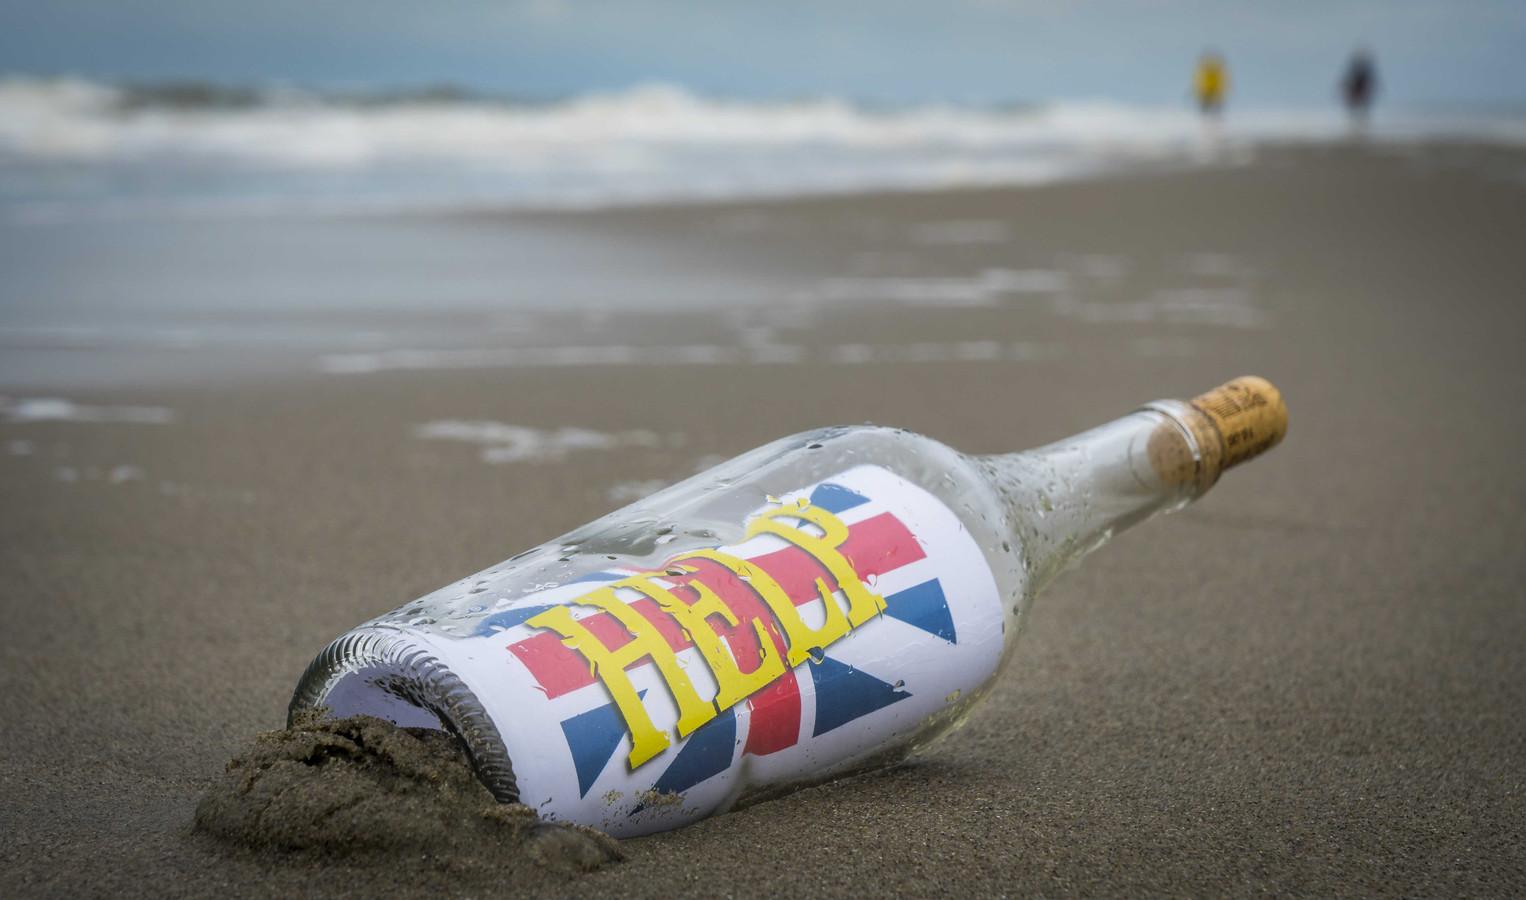 Steeds meer Nederlanders zijn bezorgd over de nakende Brexit